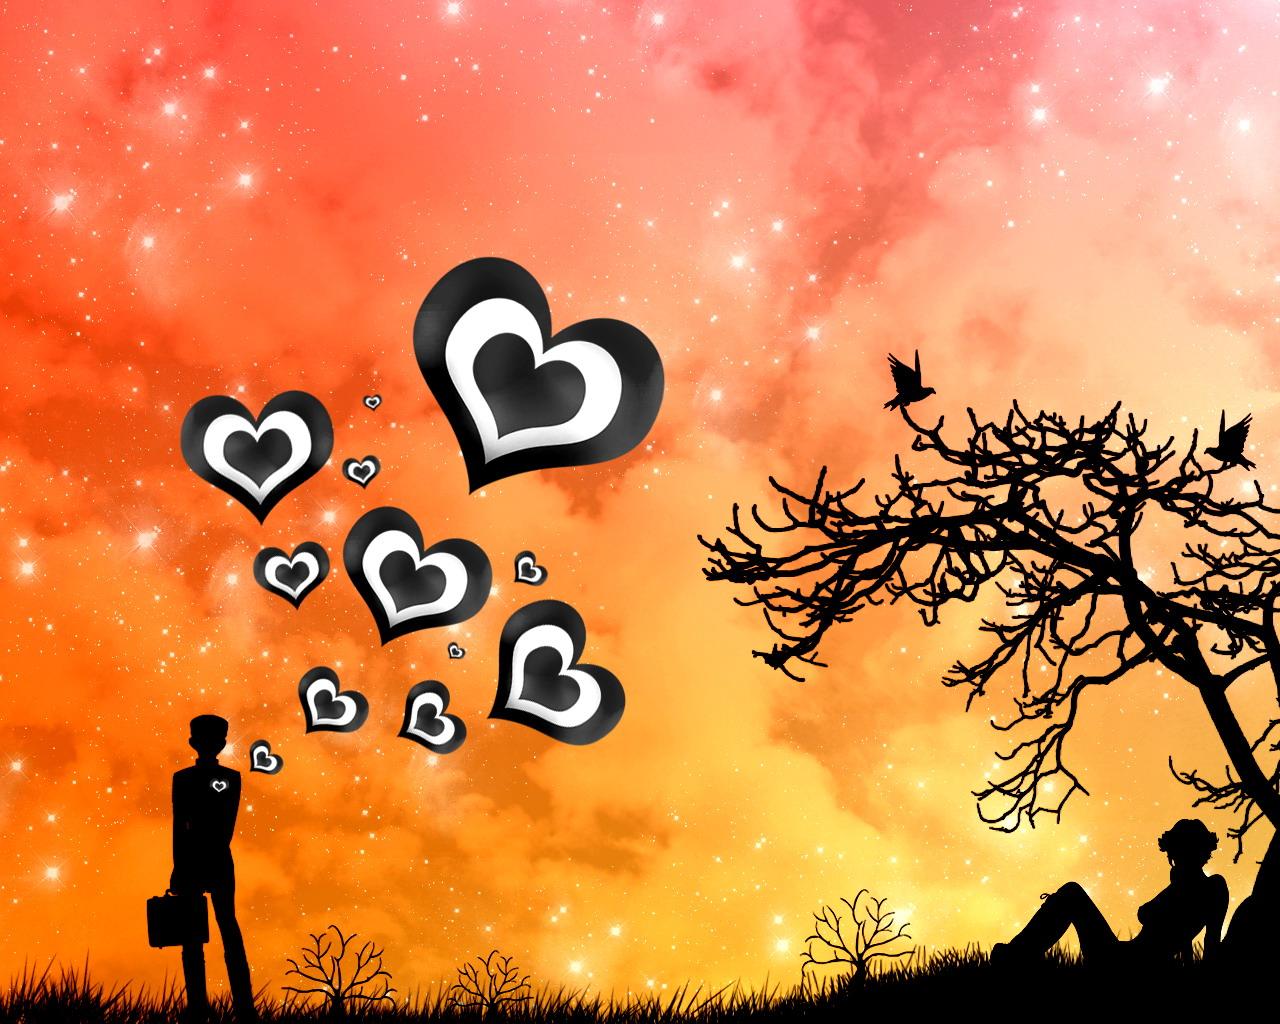 Love, wallpaper, скачать обои для рабочего стола, любовь